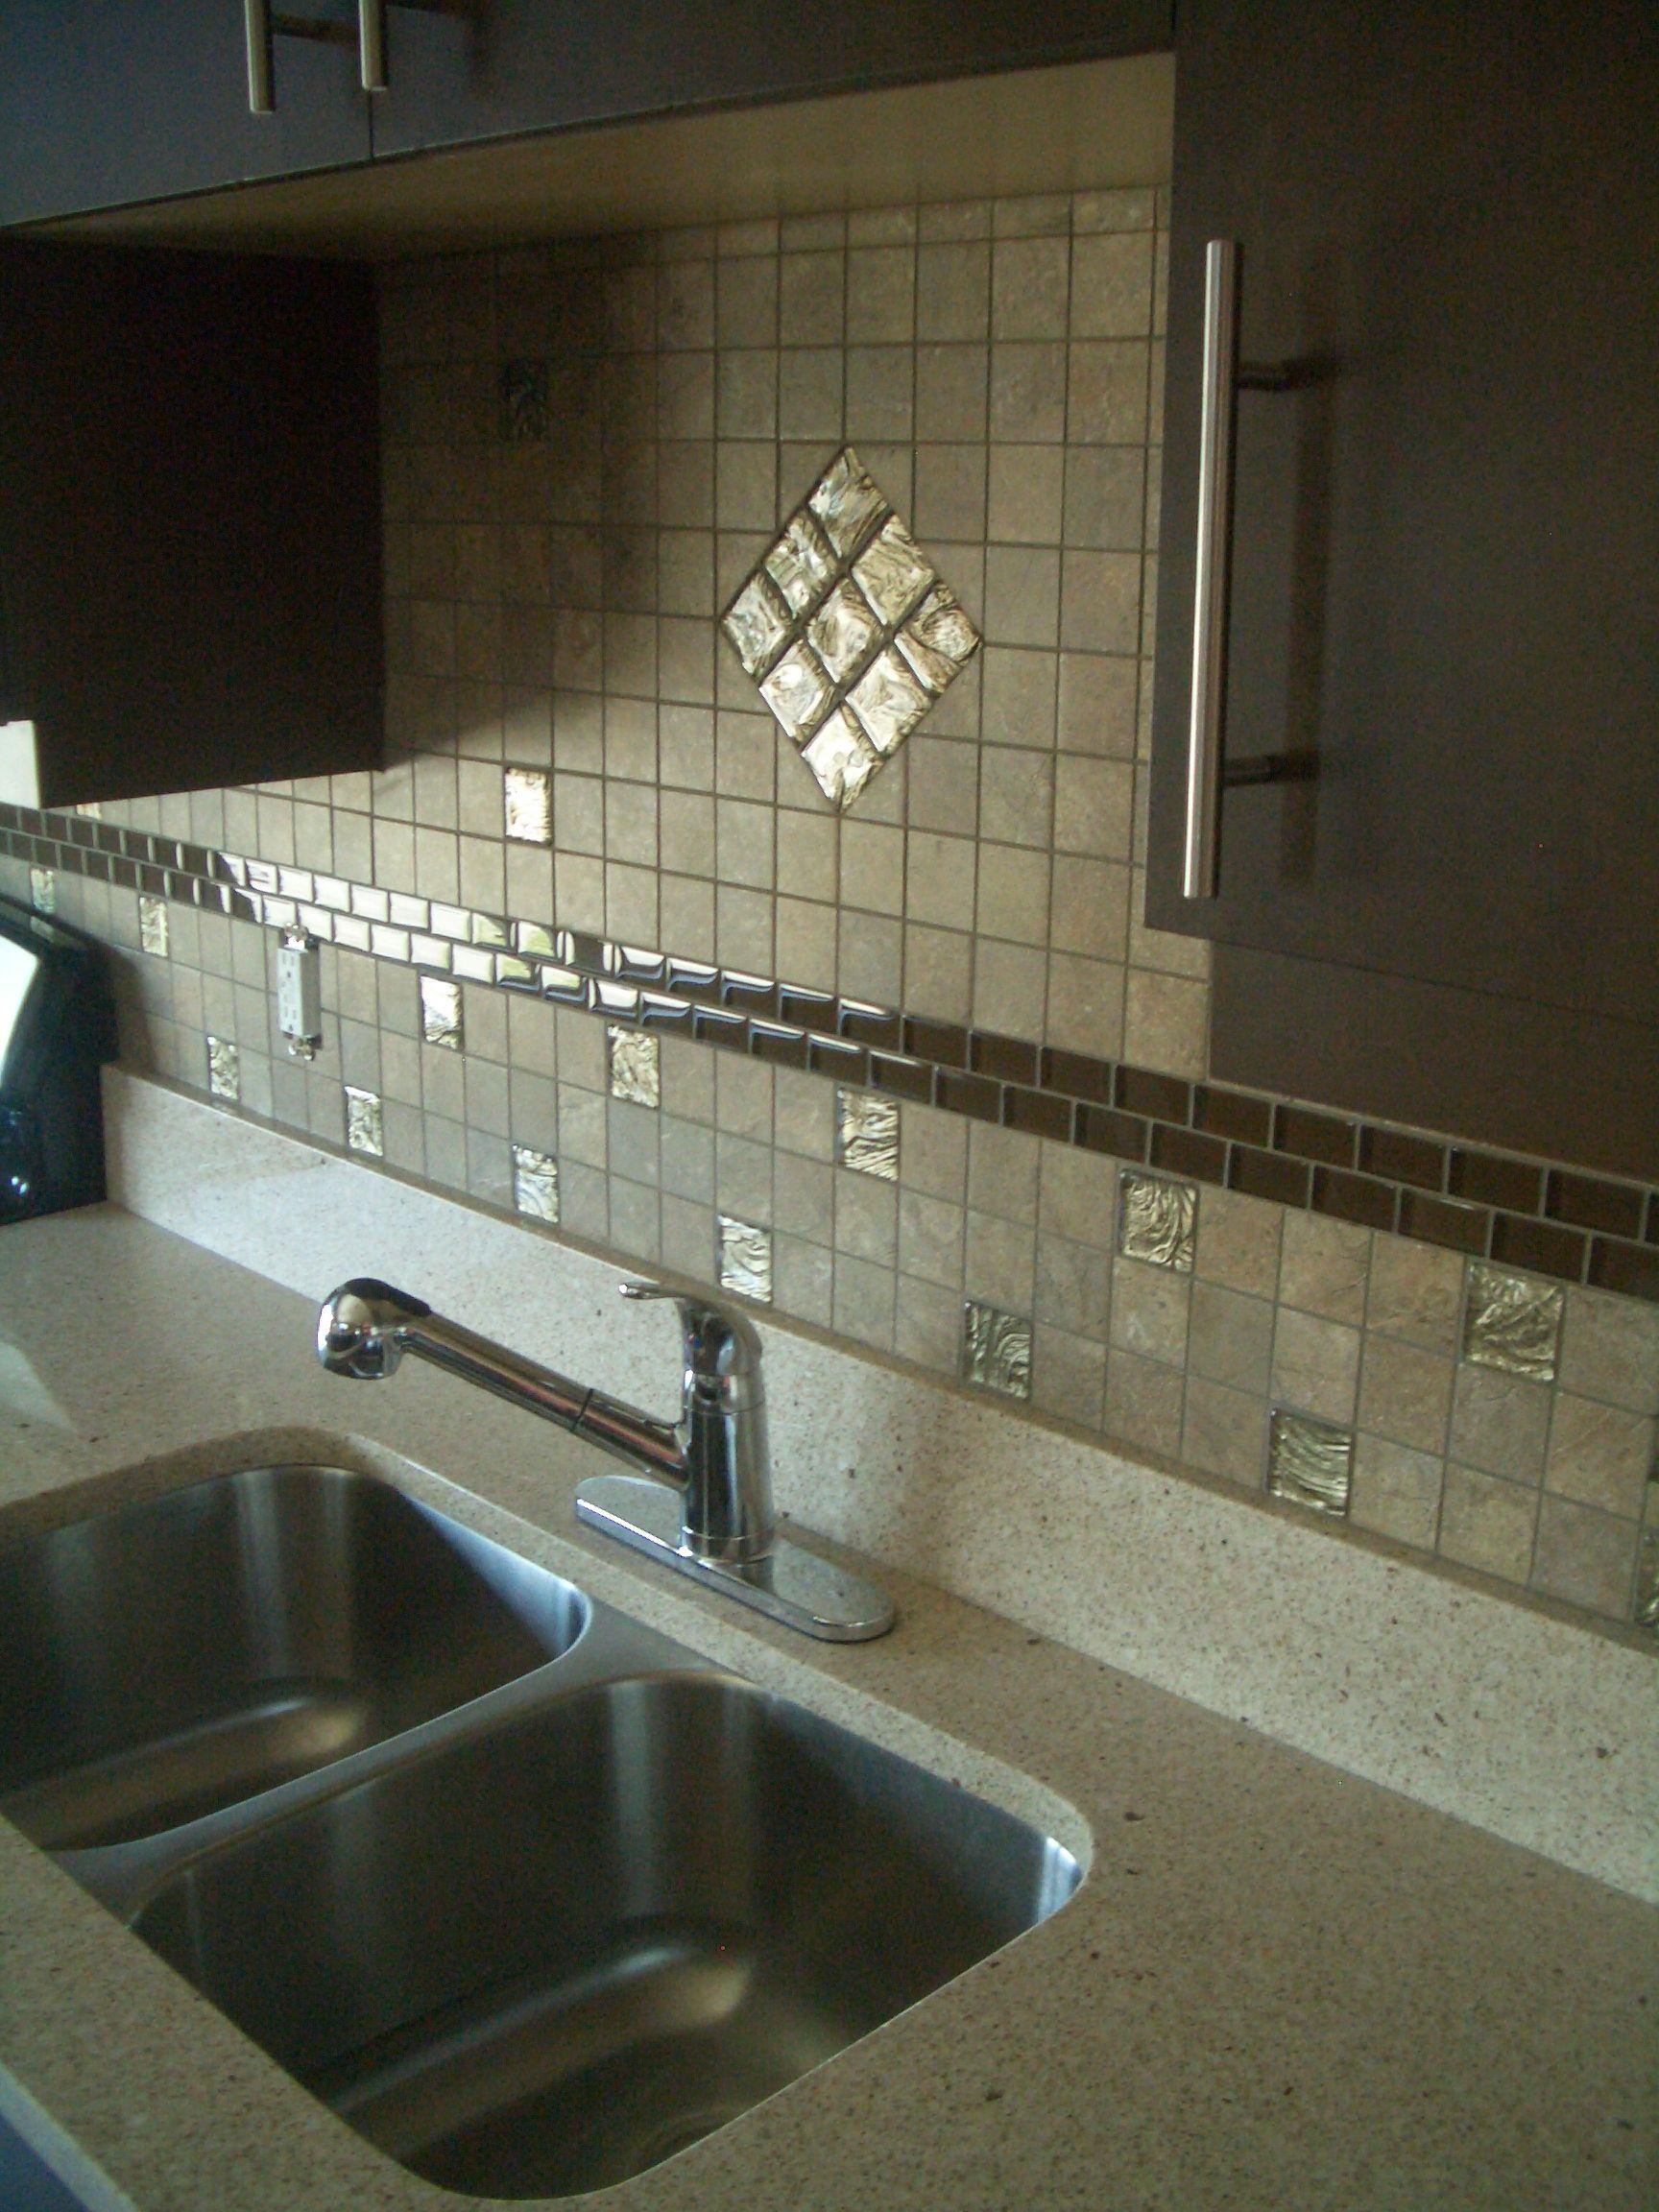 installing kitchen backsplash 4 granite backsplash with tile above recently finished installing a porcelain tile backsplash with